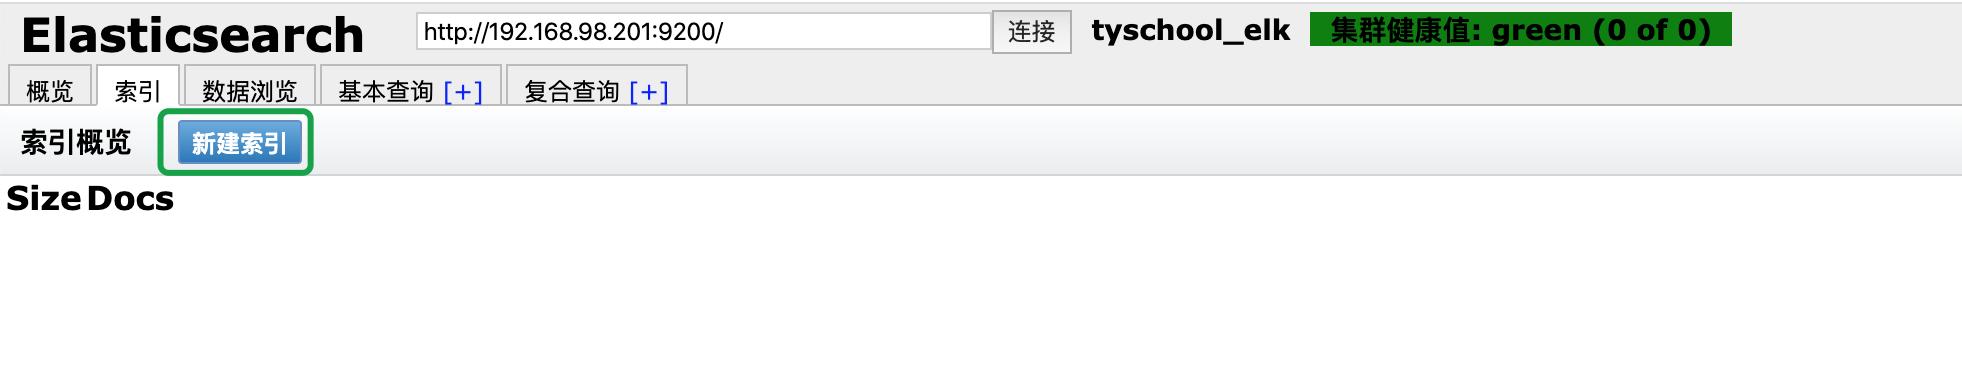 11_eshead_index创建1729565.png